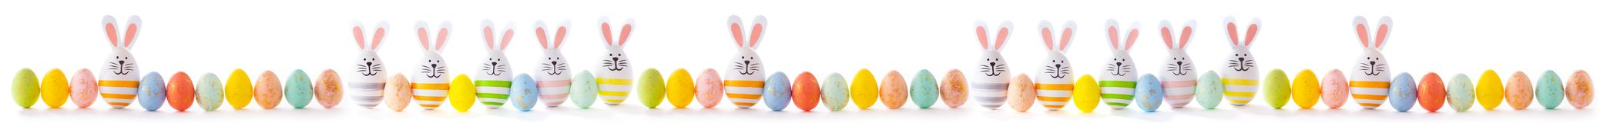 Wielkanocnego jajka sztandar zdjęcie royalty free